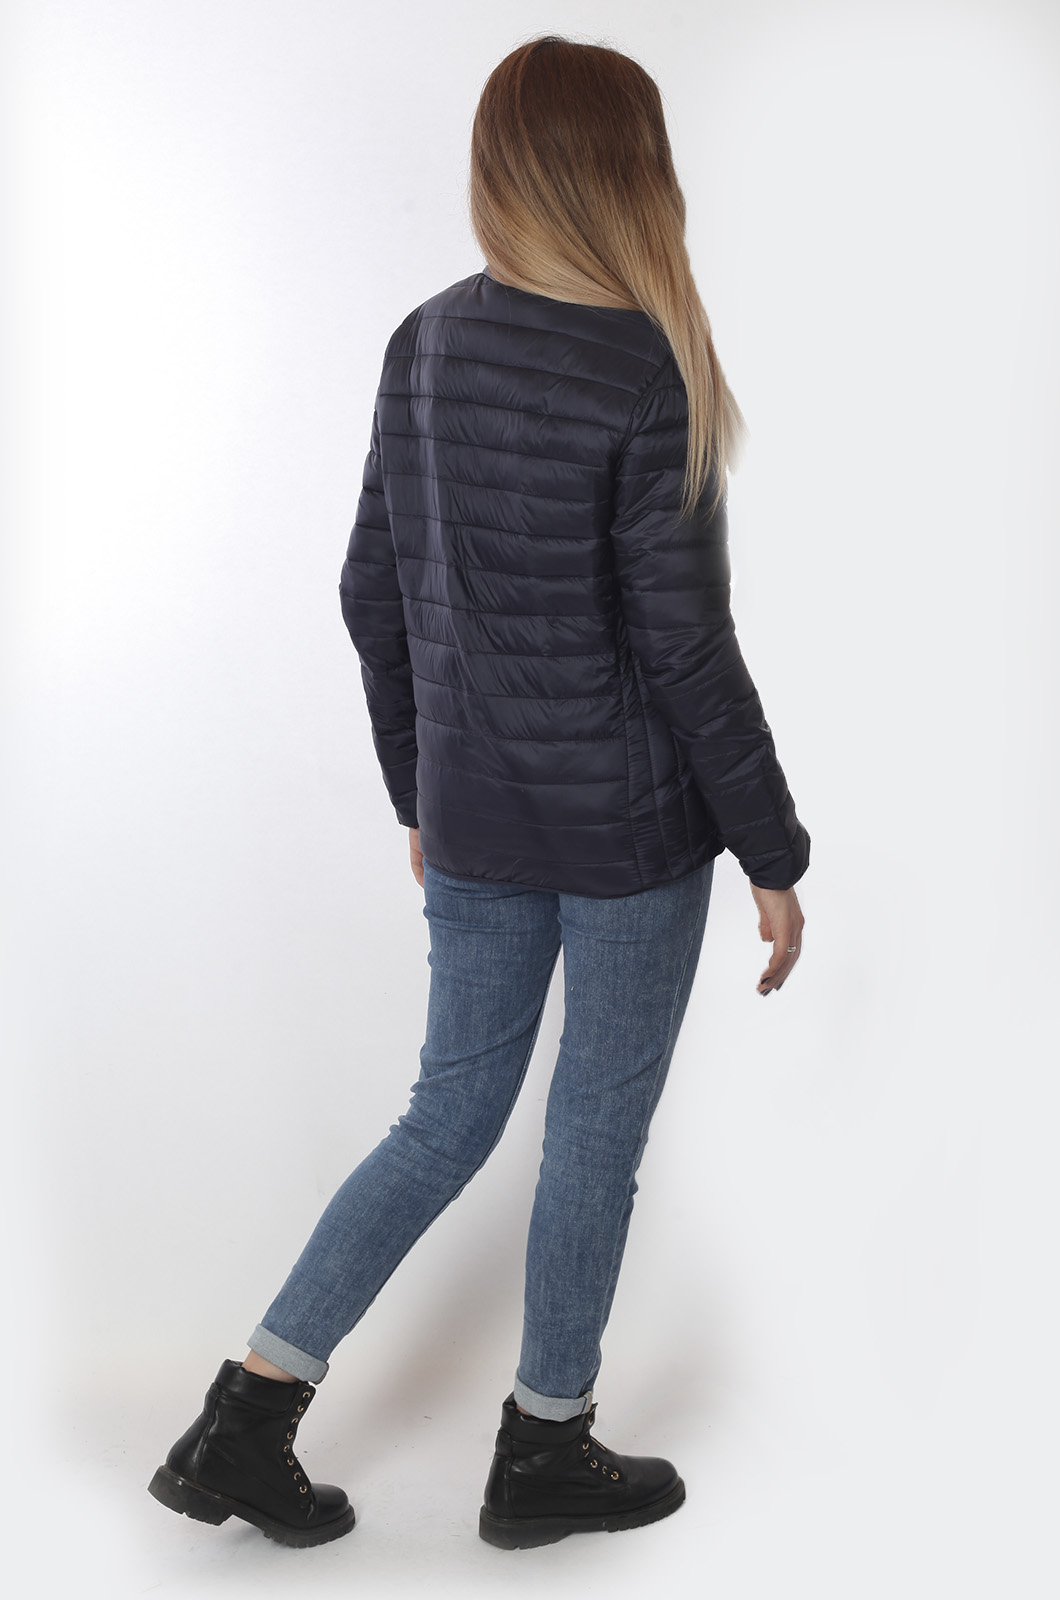 Темная демисезонная куртка от бренда J. HART & BROS - купить с доставкой